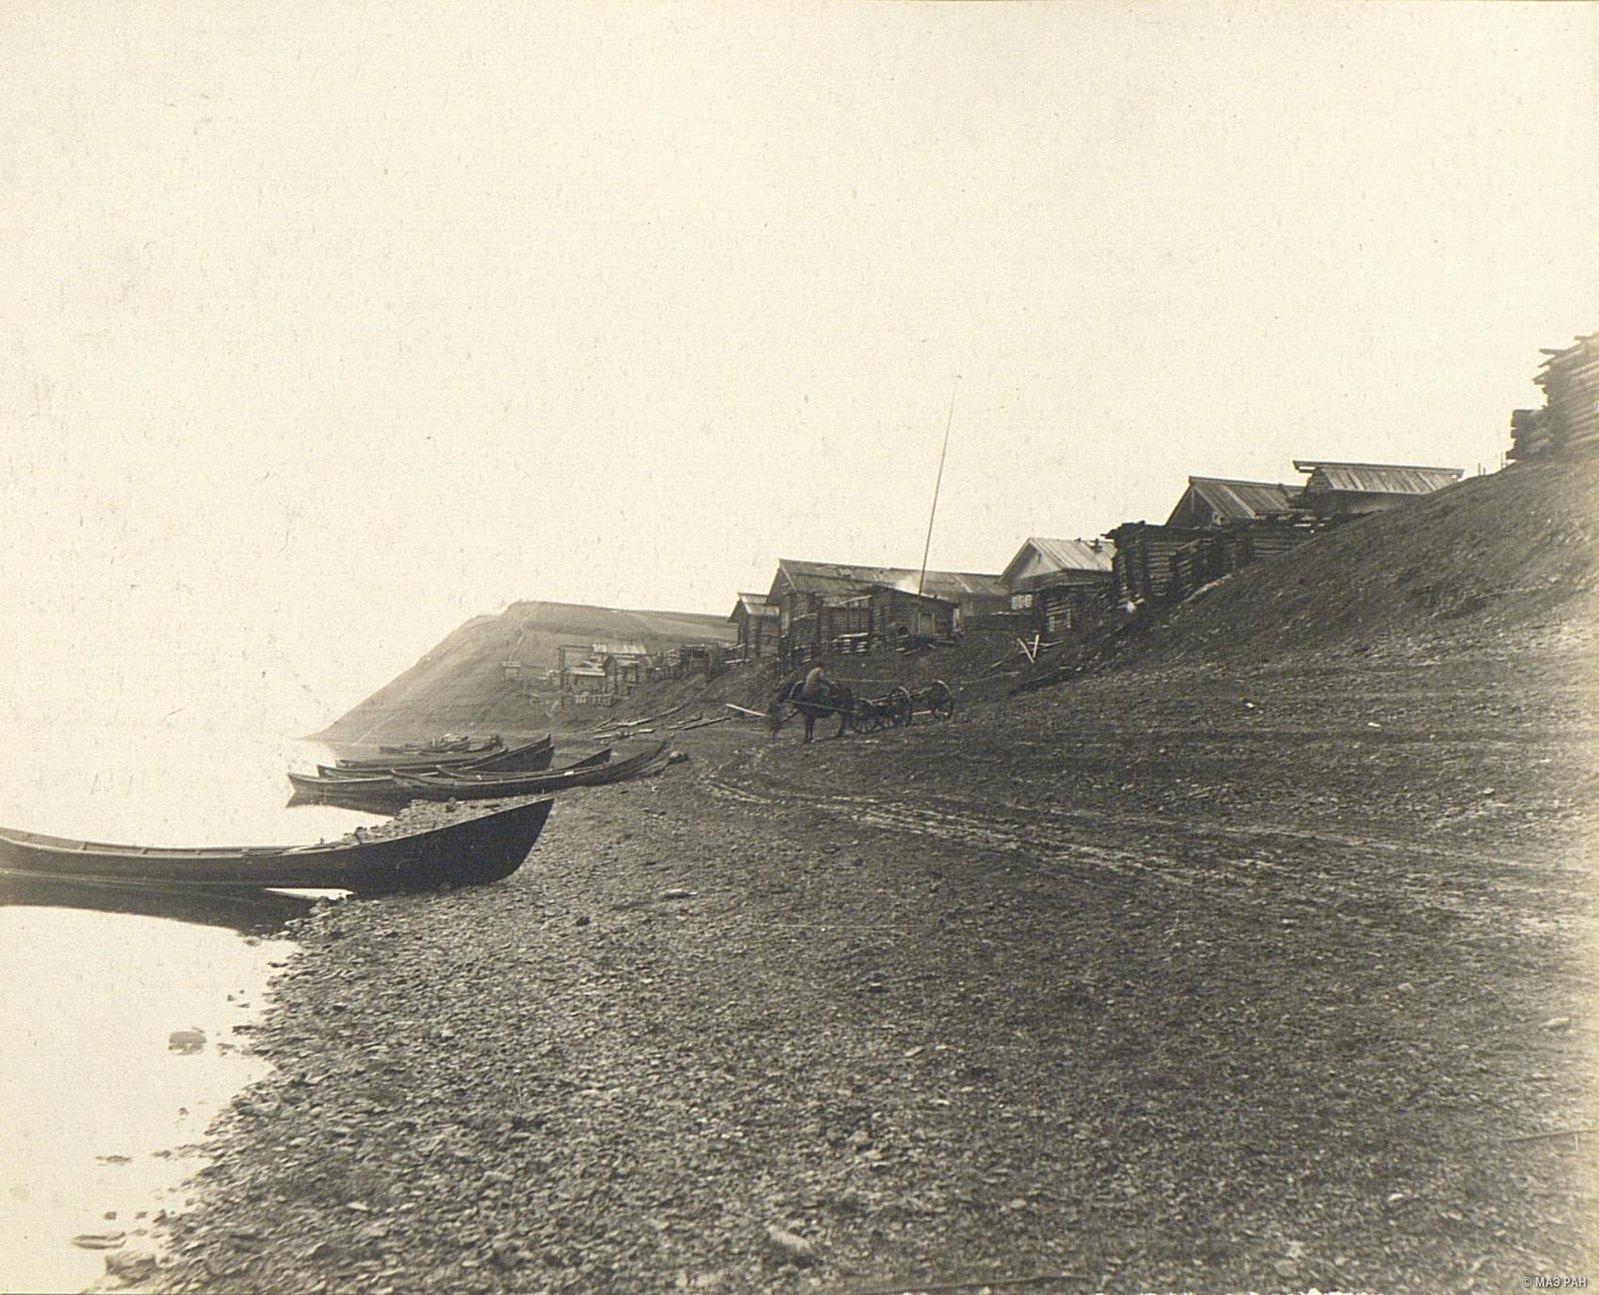 Деревенские лодки на берегу